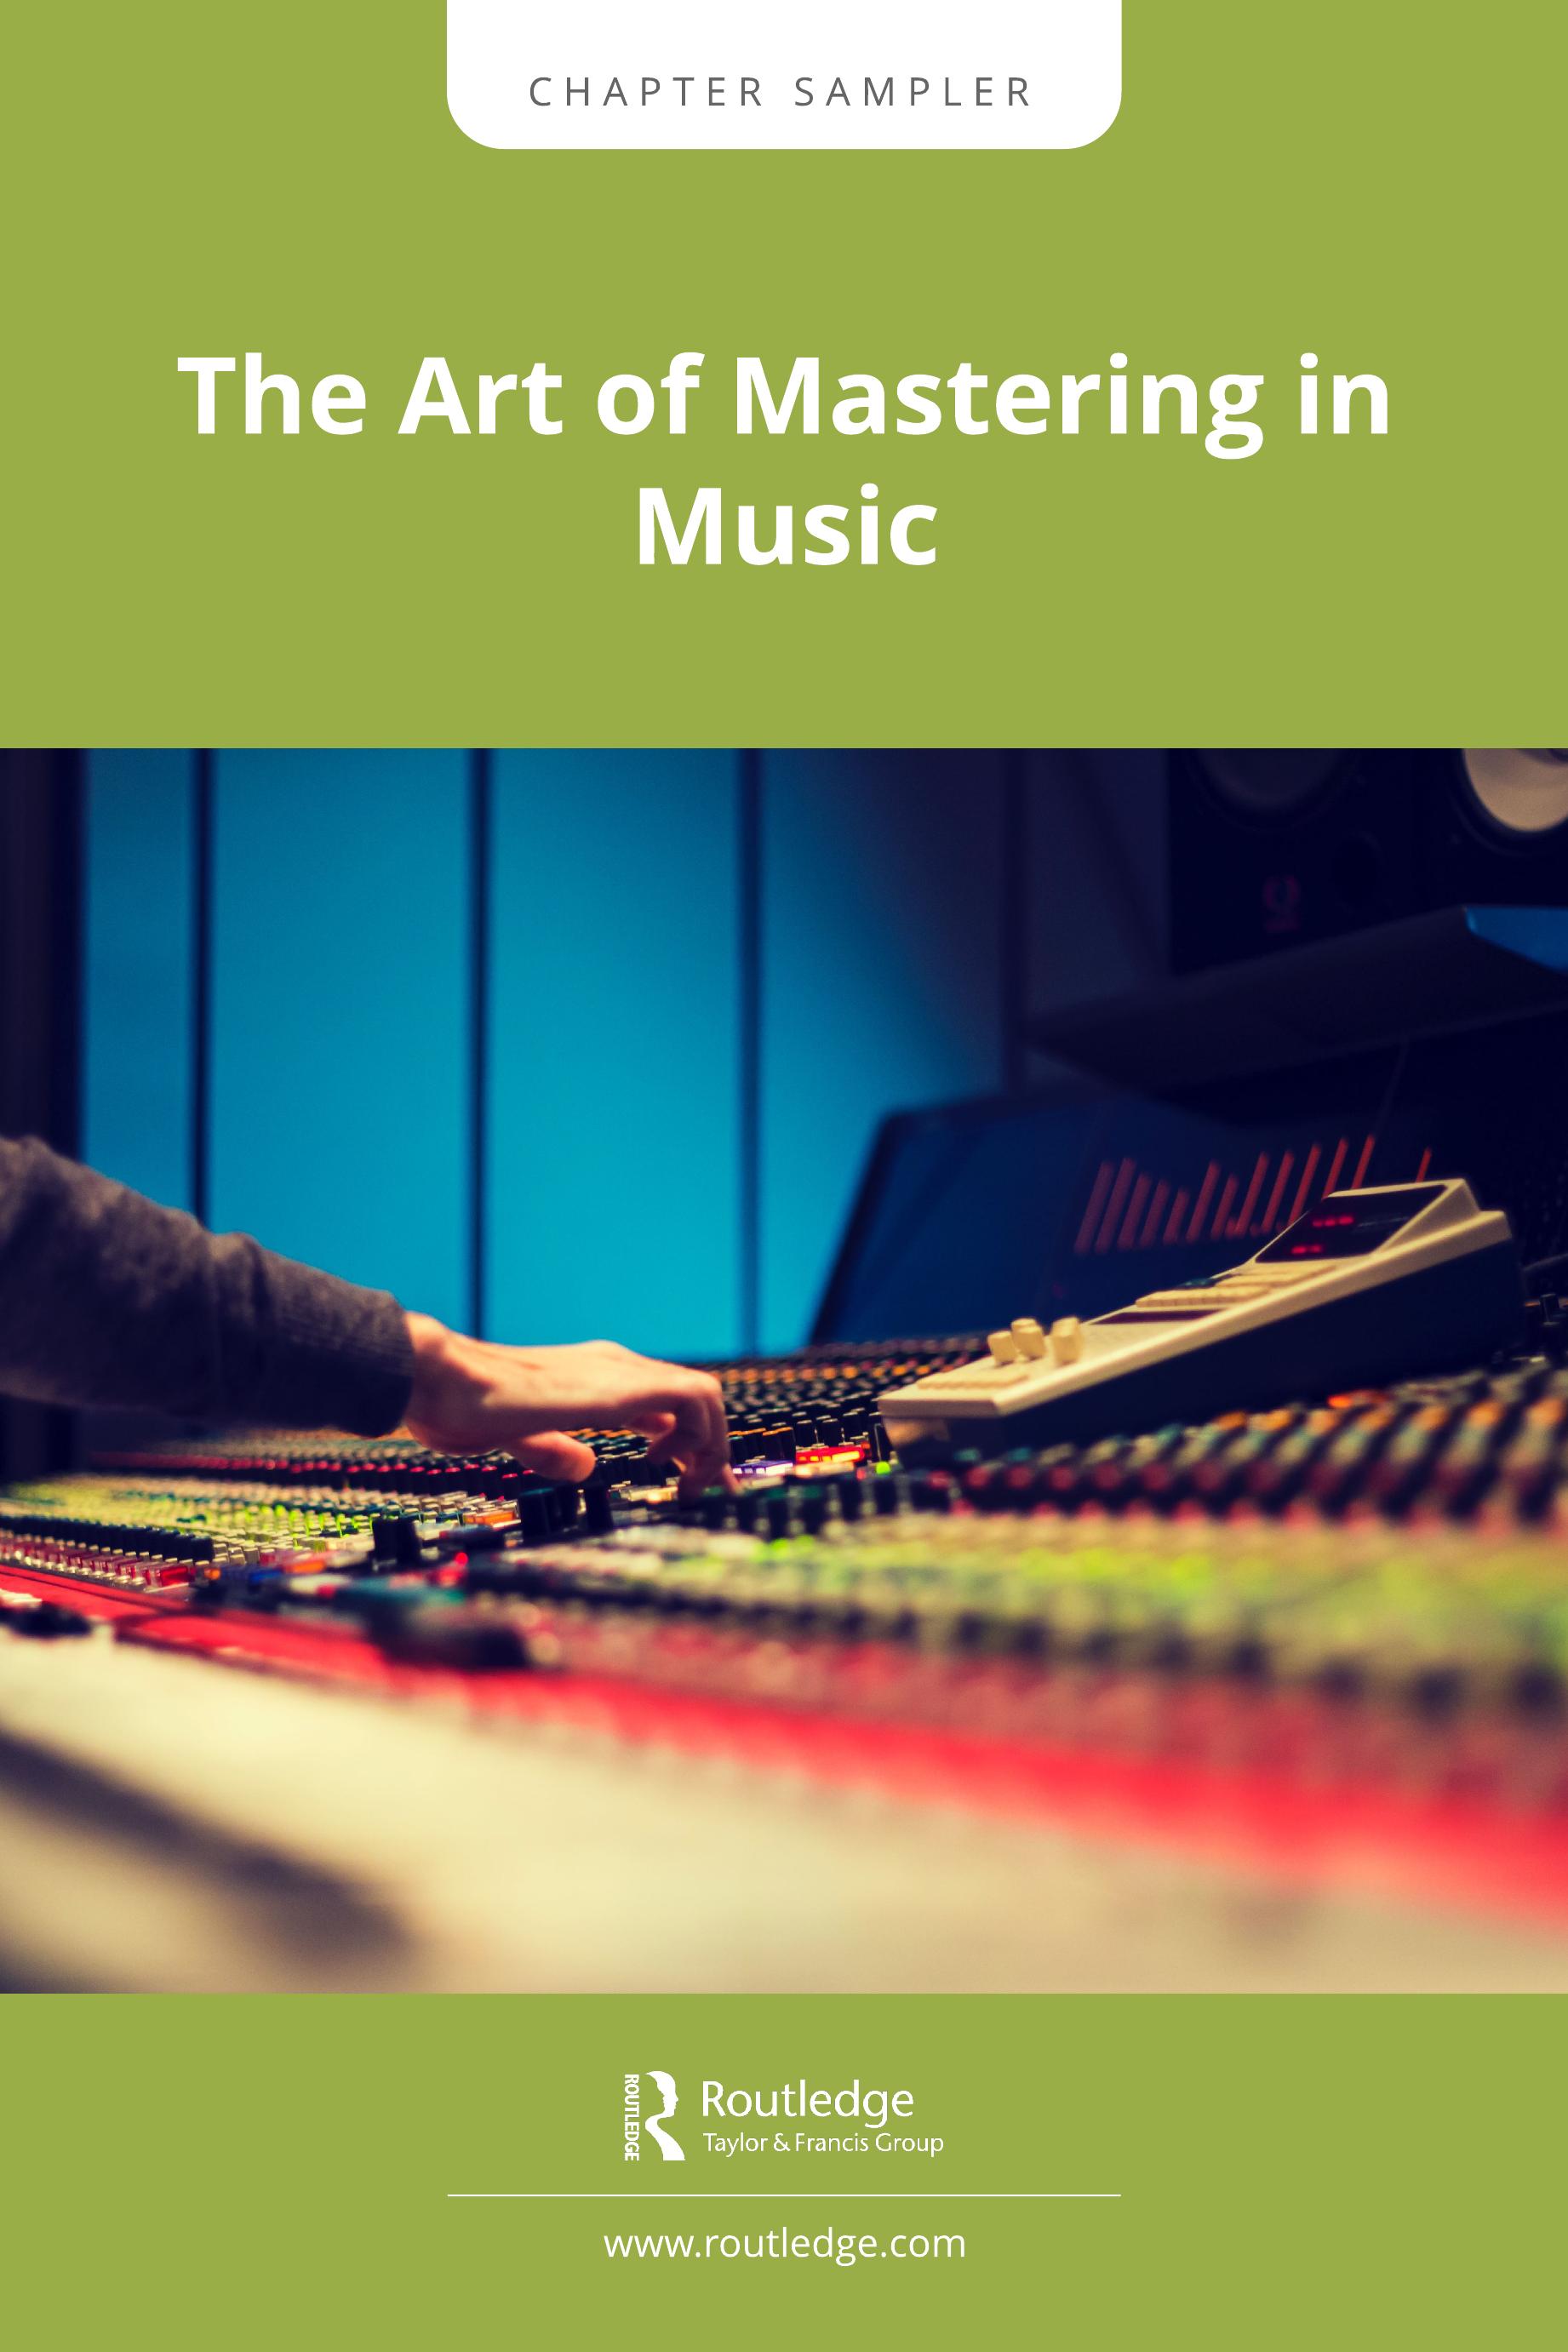 Art of Mastering